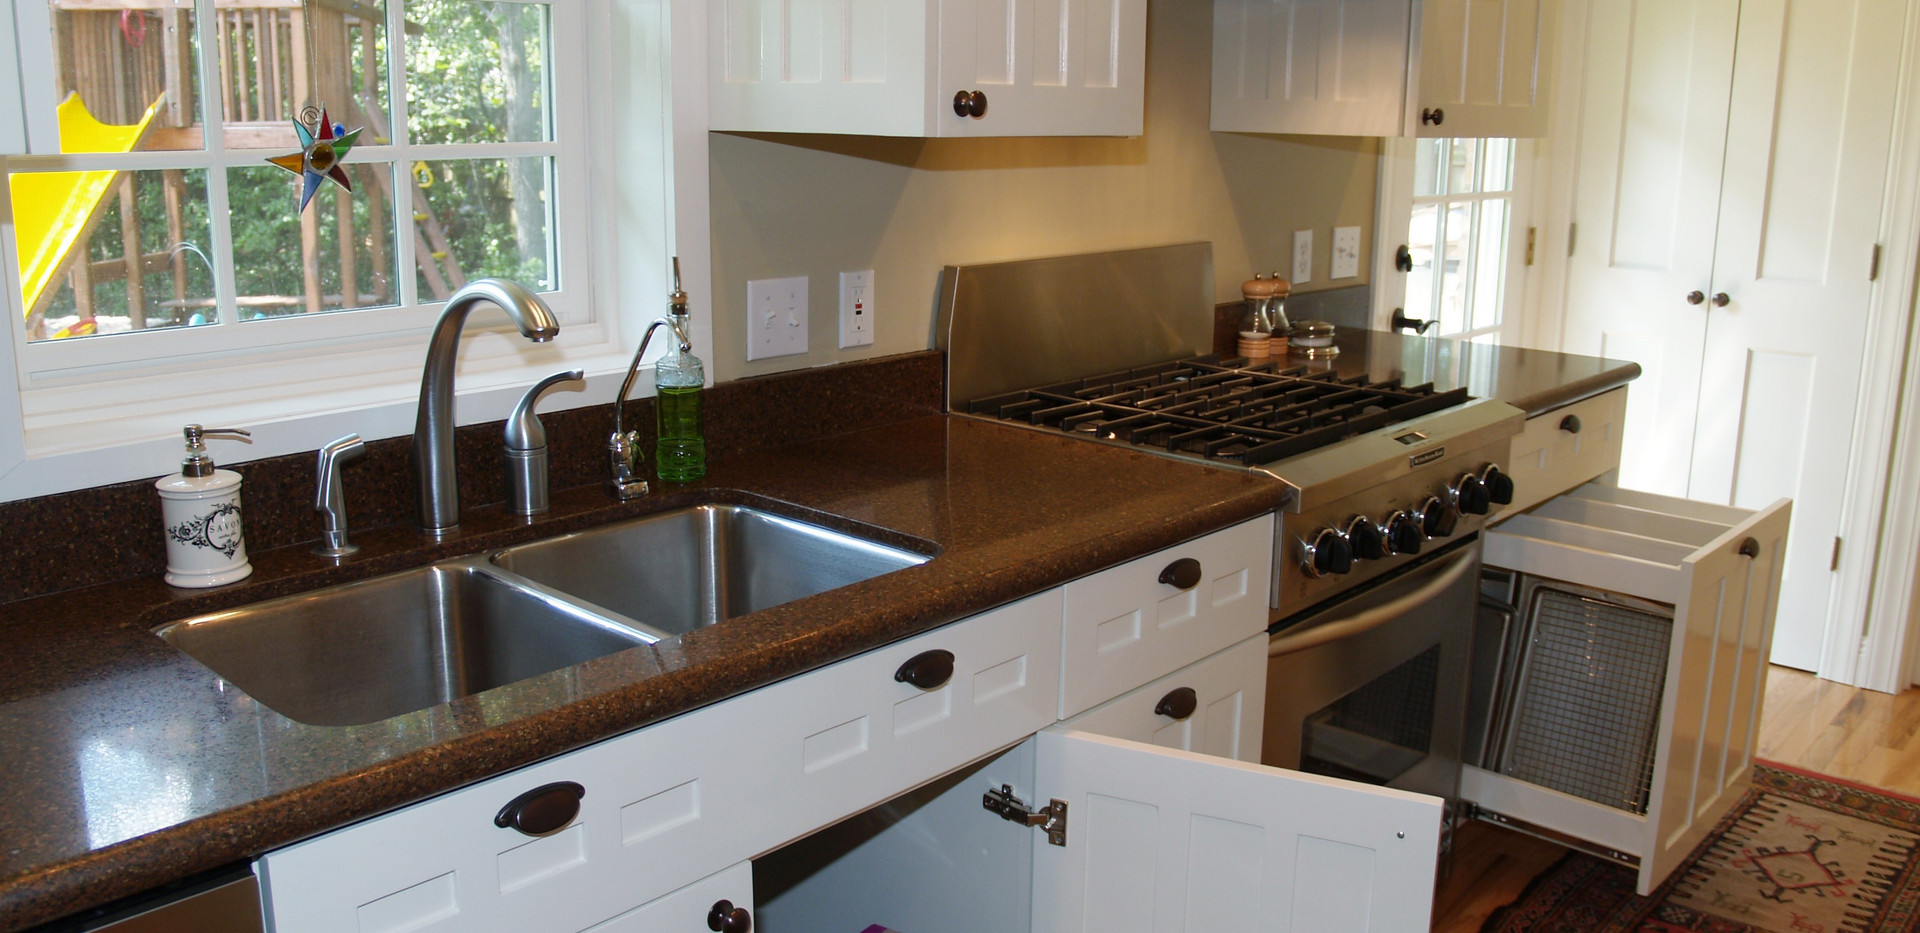 017_Sink-Cabinets Open.jpg